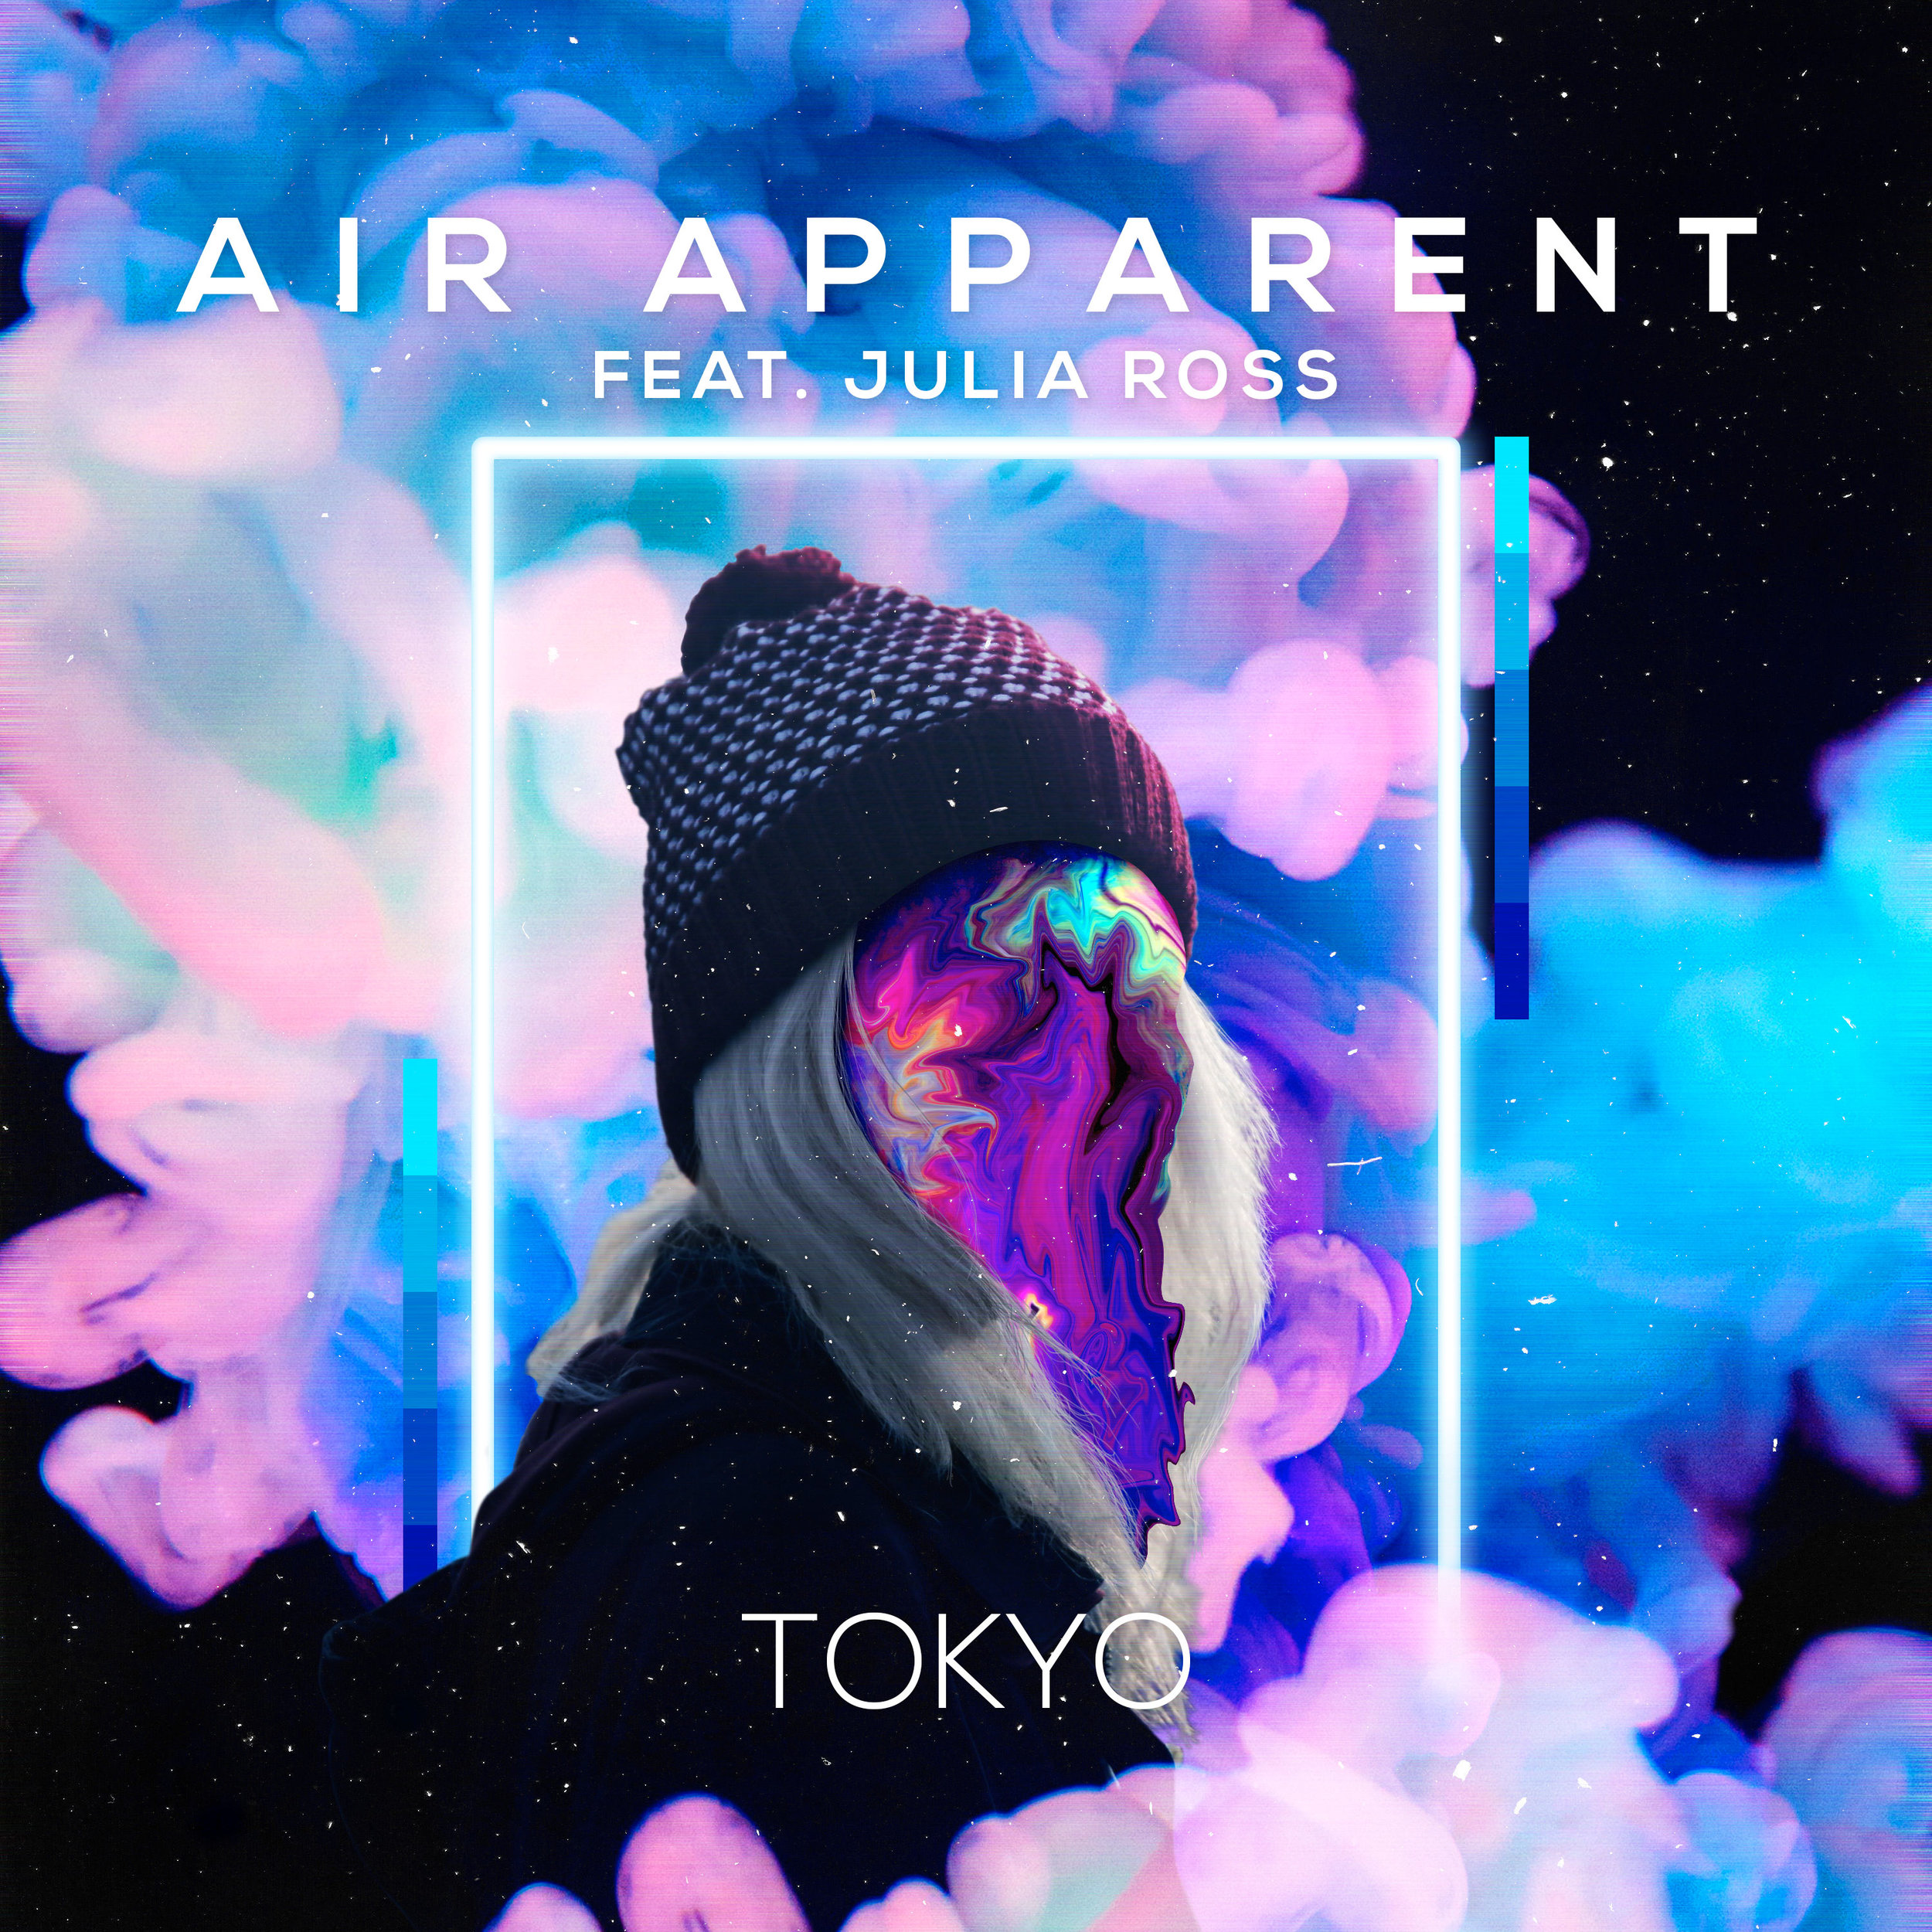 Tokyo (feat. Julia Ross)